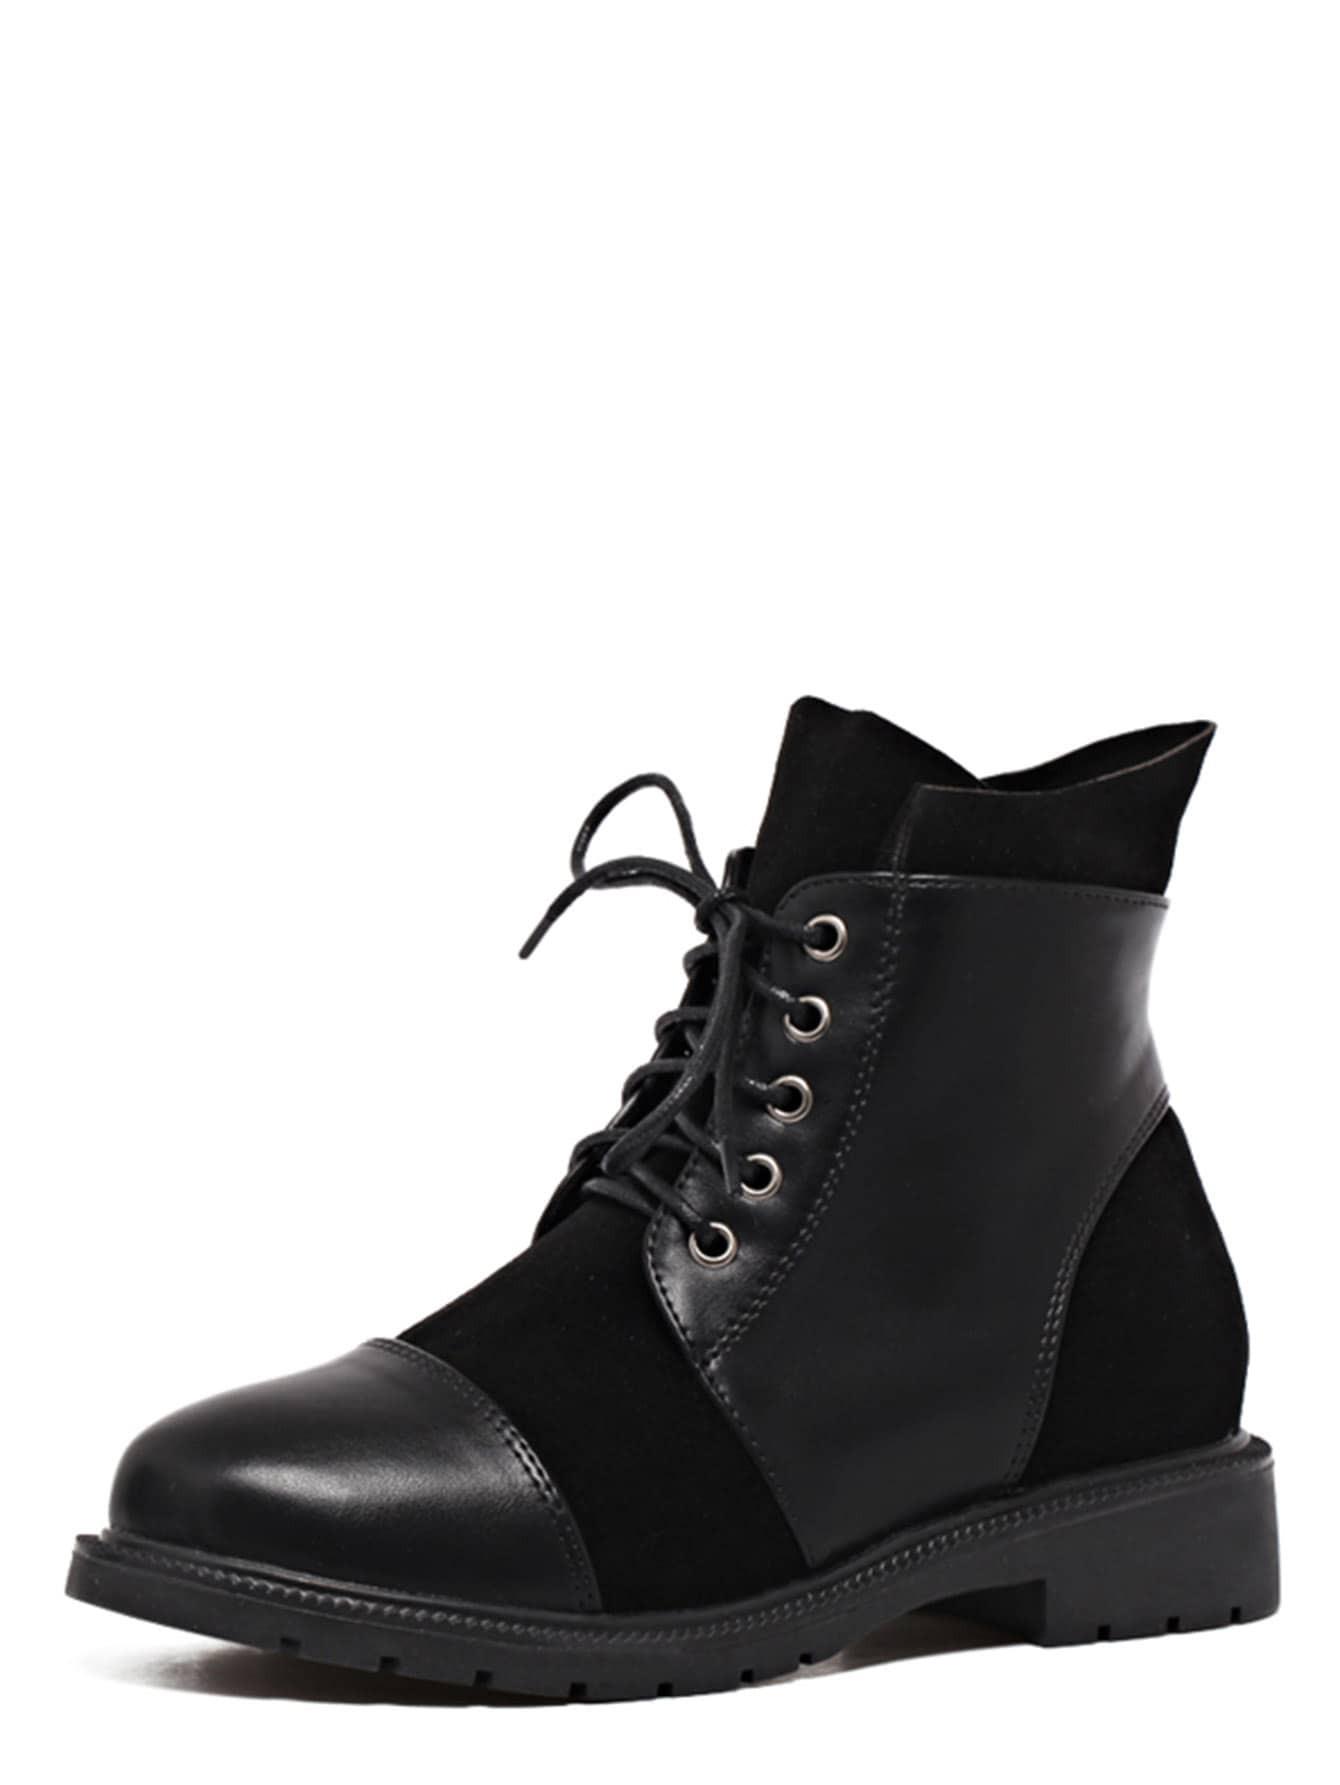 shoes161024806_2